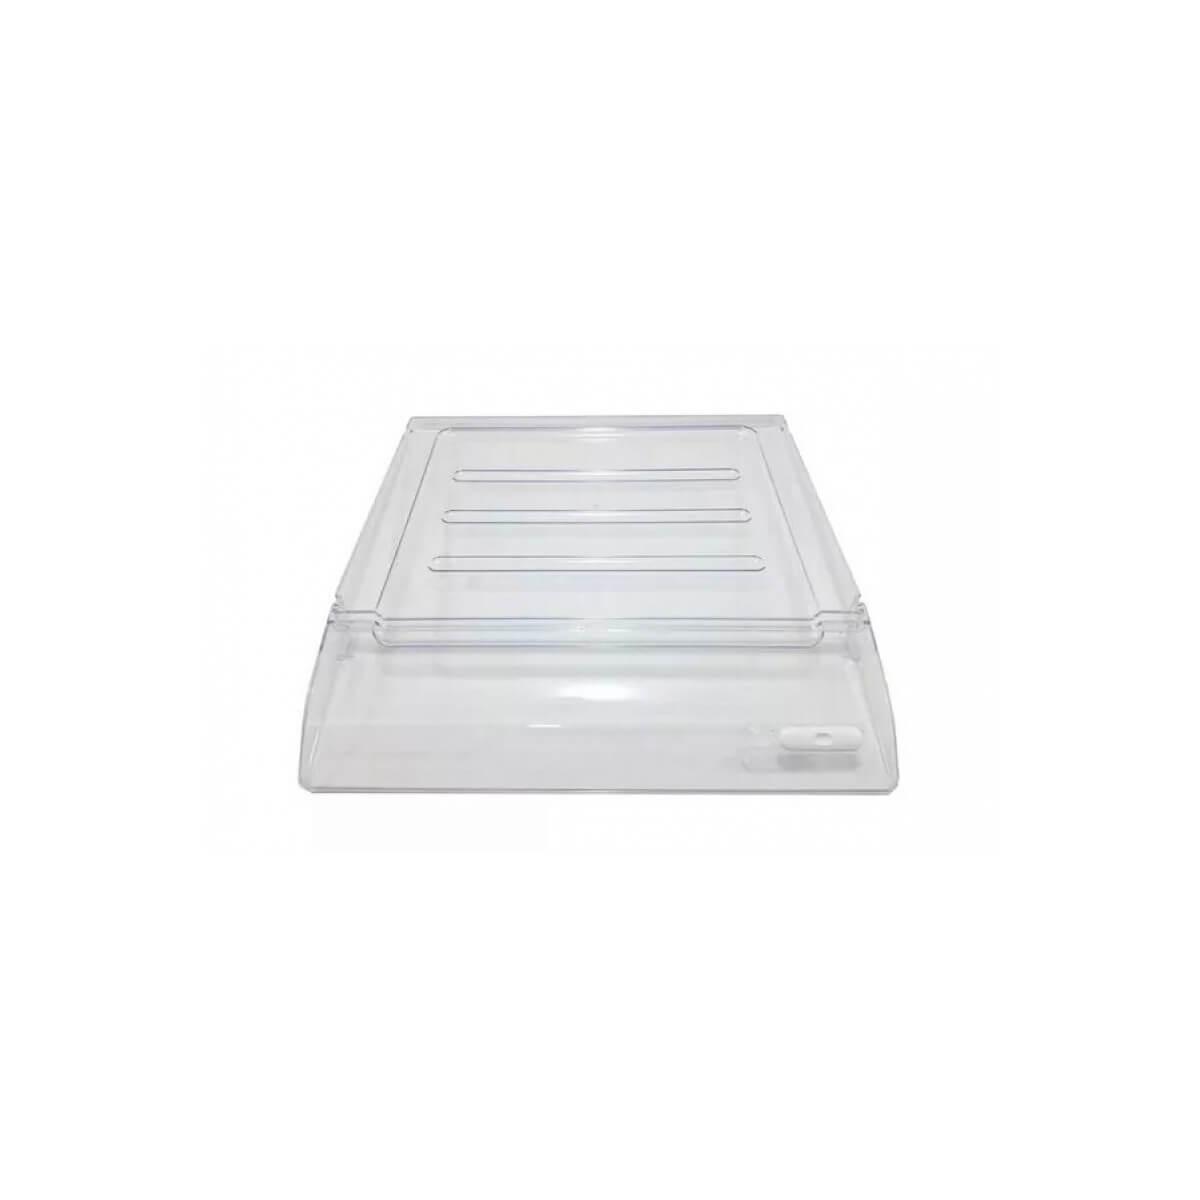 Tampa Gaveta De Verduras Refrigerador Electrolux Df42 Dw42x Dfx42 - 70201022